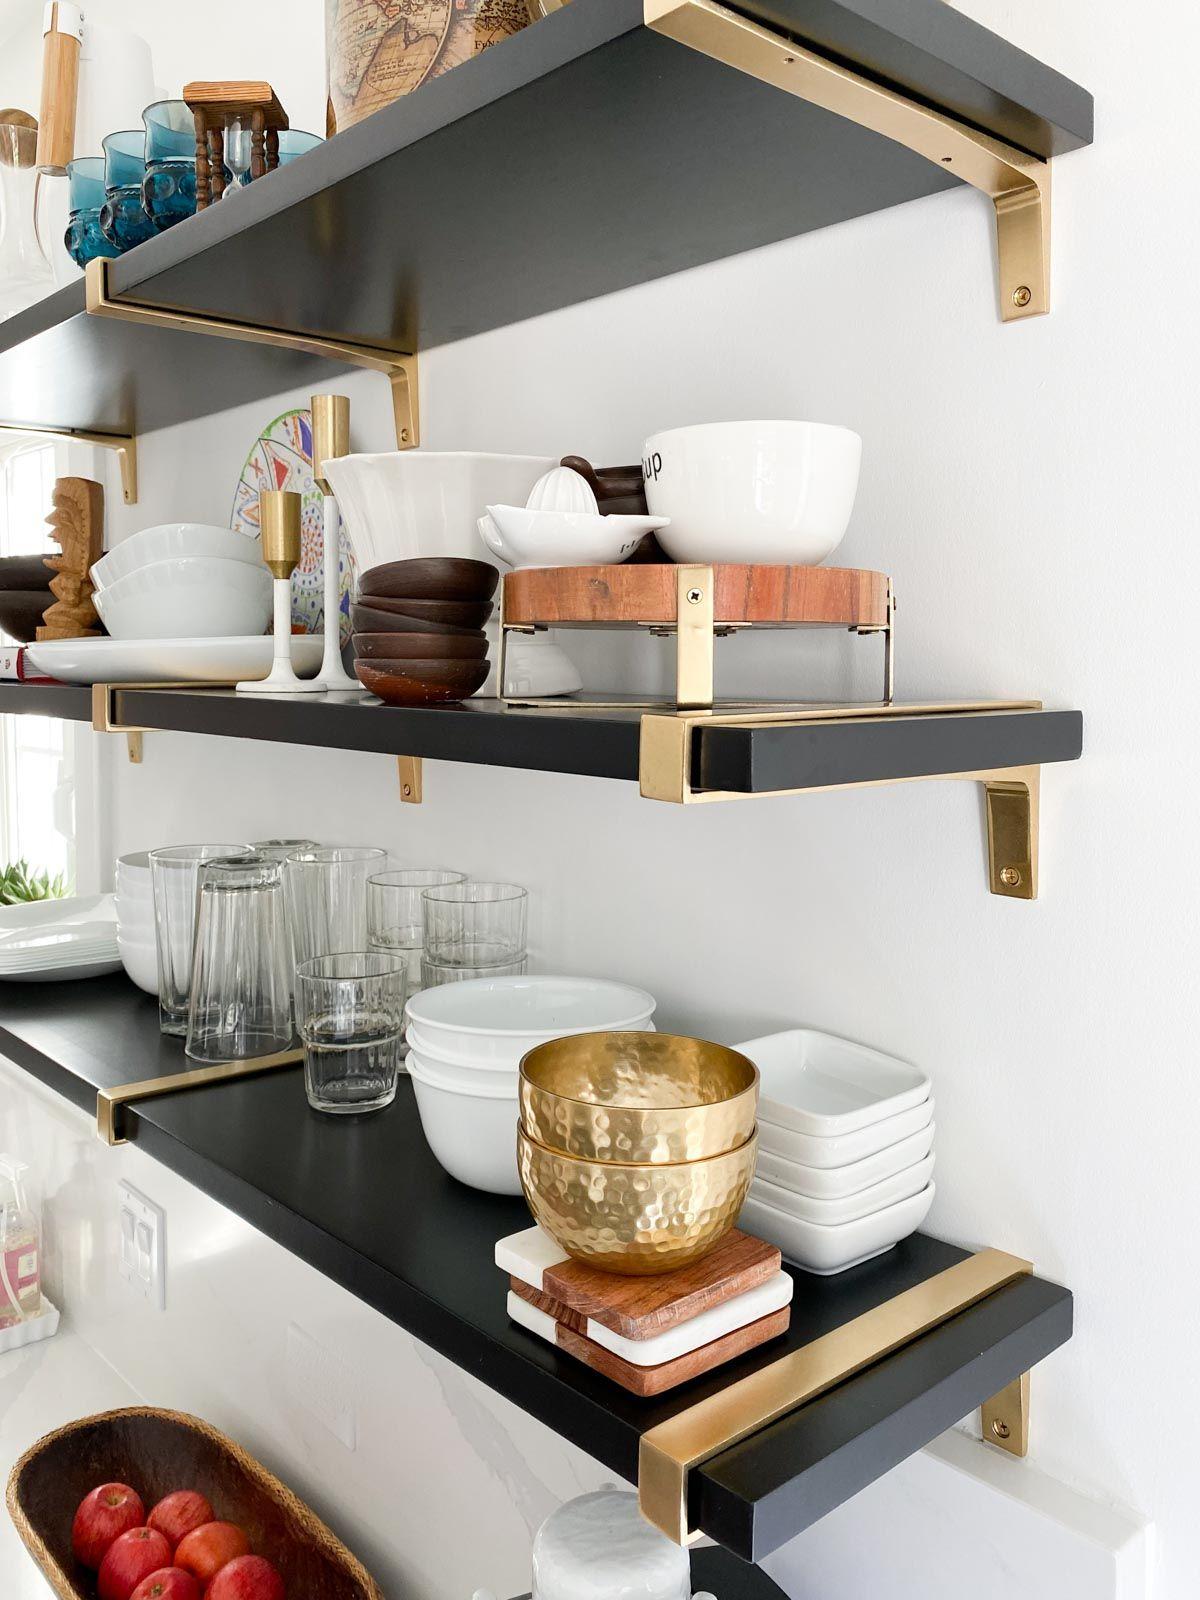 Dream Kitchen Tour Kitchen Shelves Styling Kitchen Design Open Cheap Living Room Decor